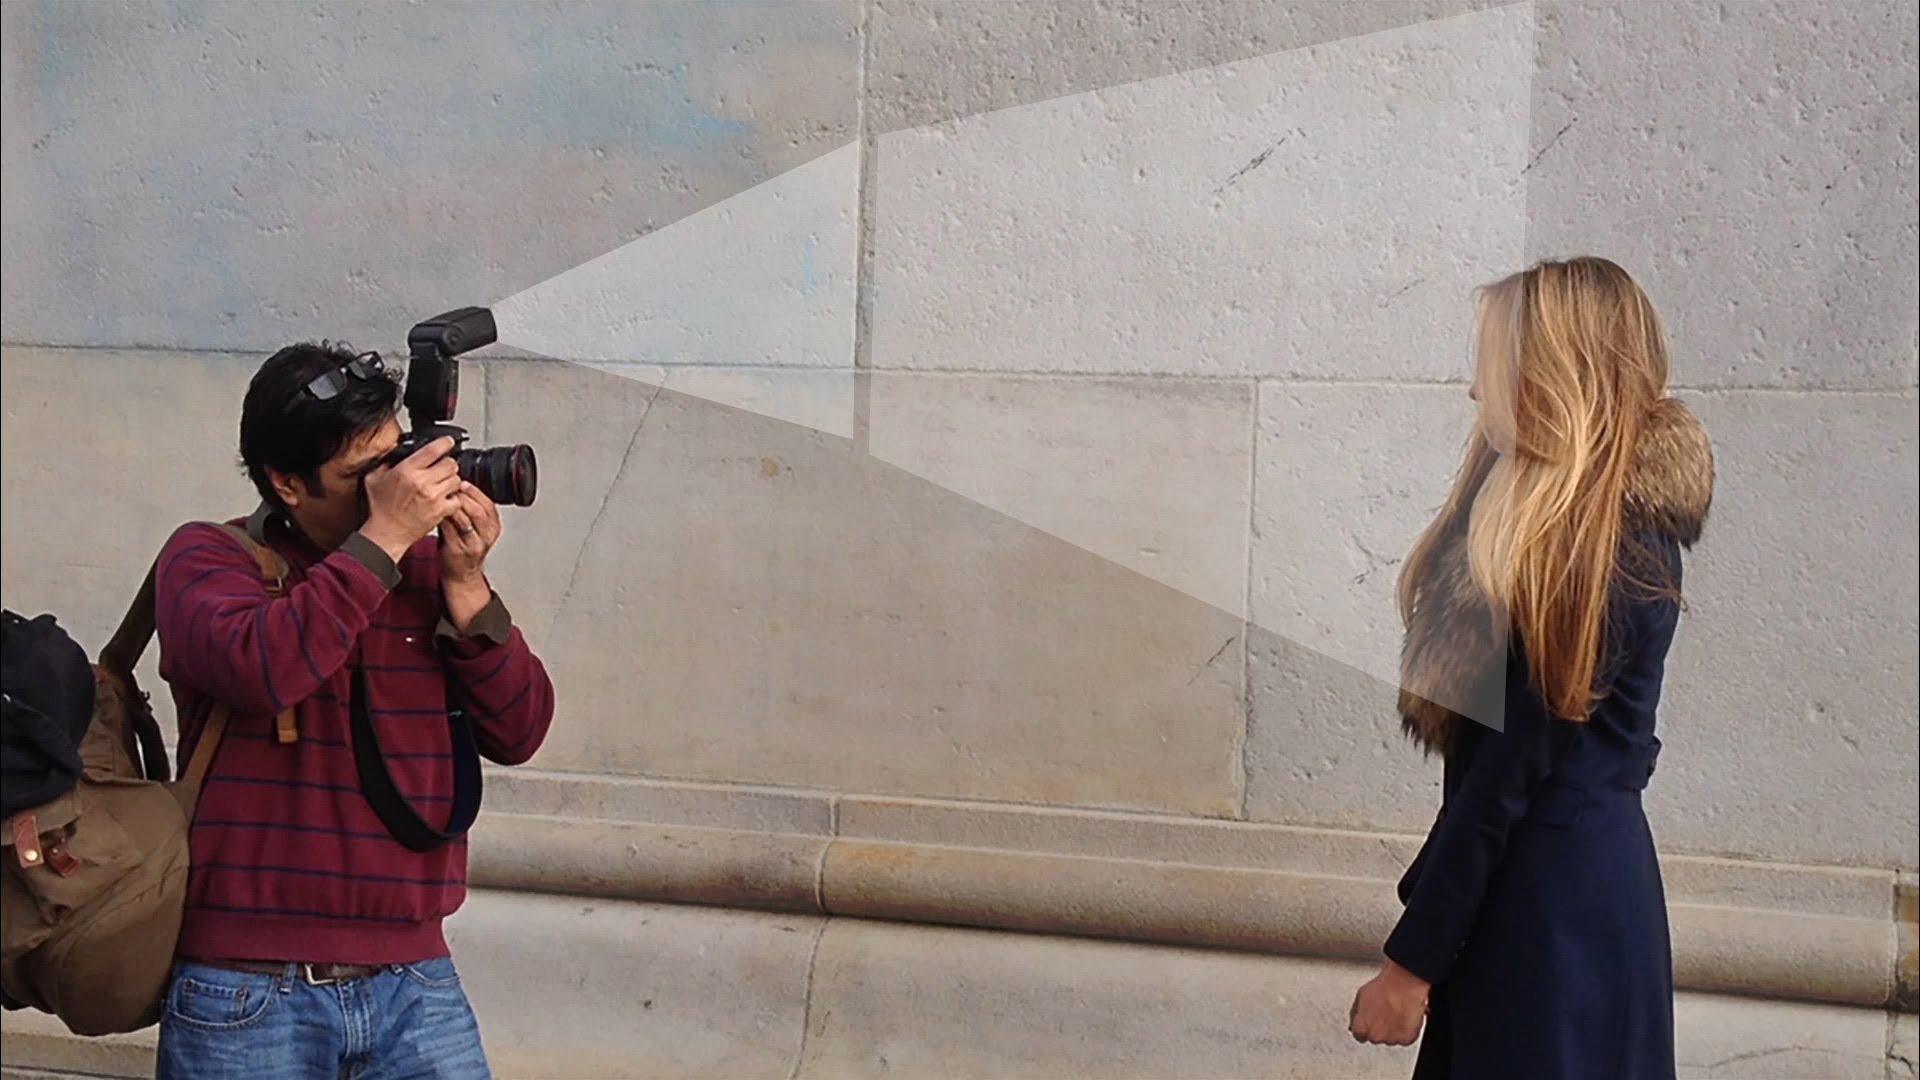 гостям будет использование вспышки при фотографировании год семье